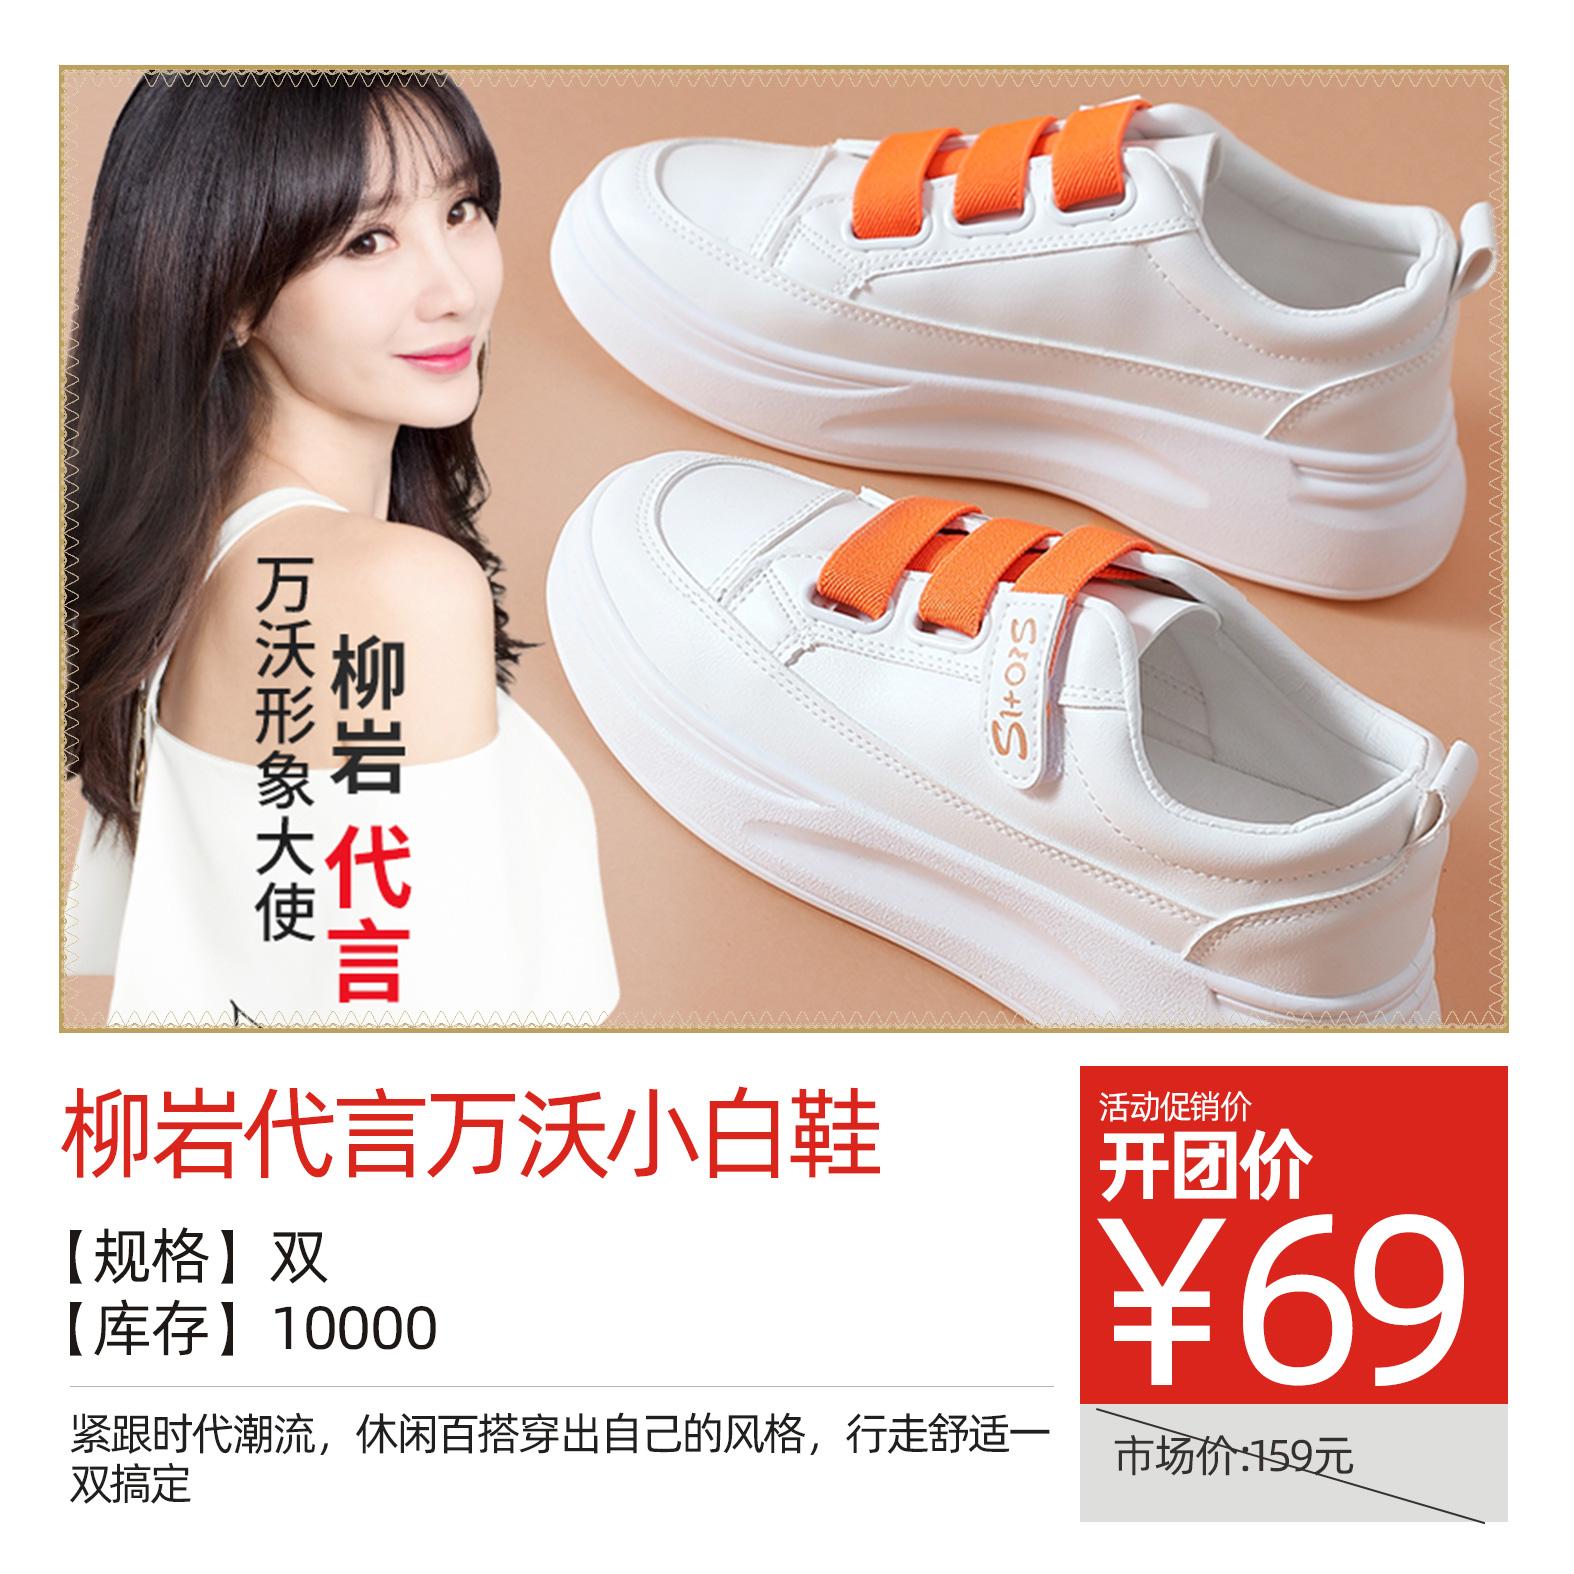 柳岩代言万沃小白鞋